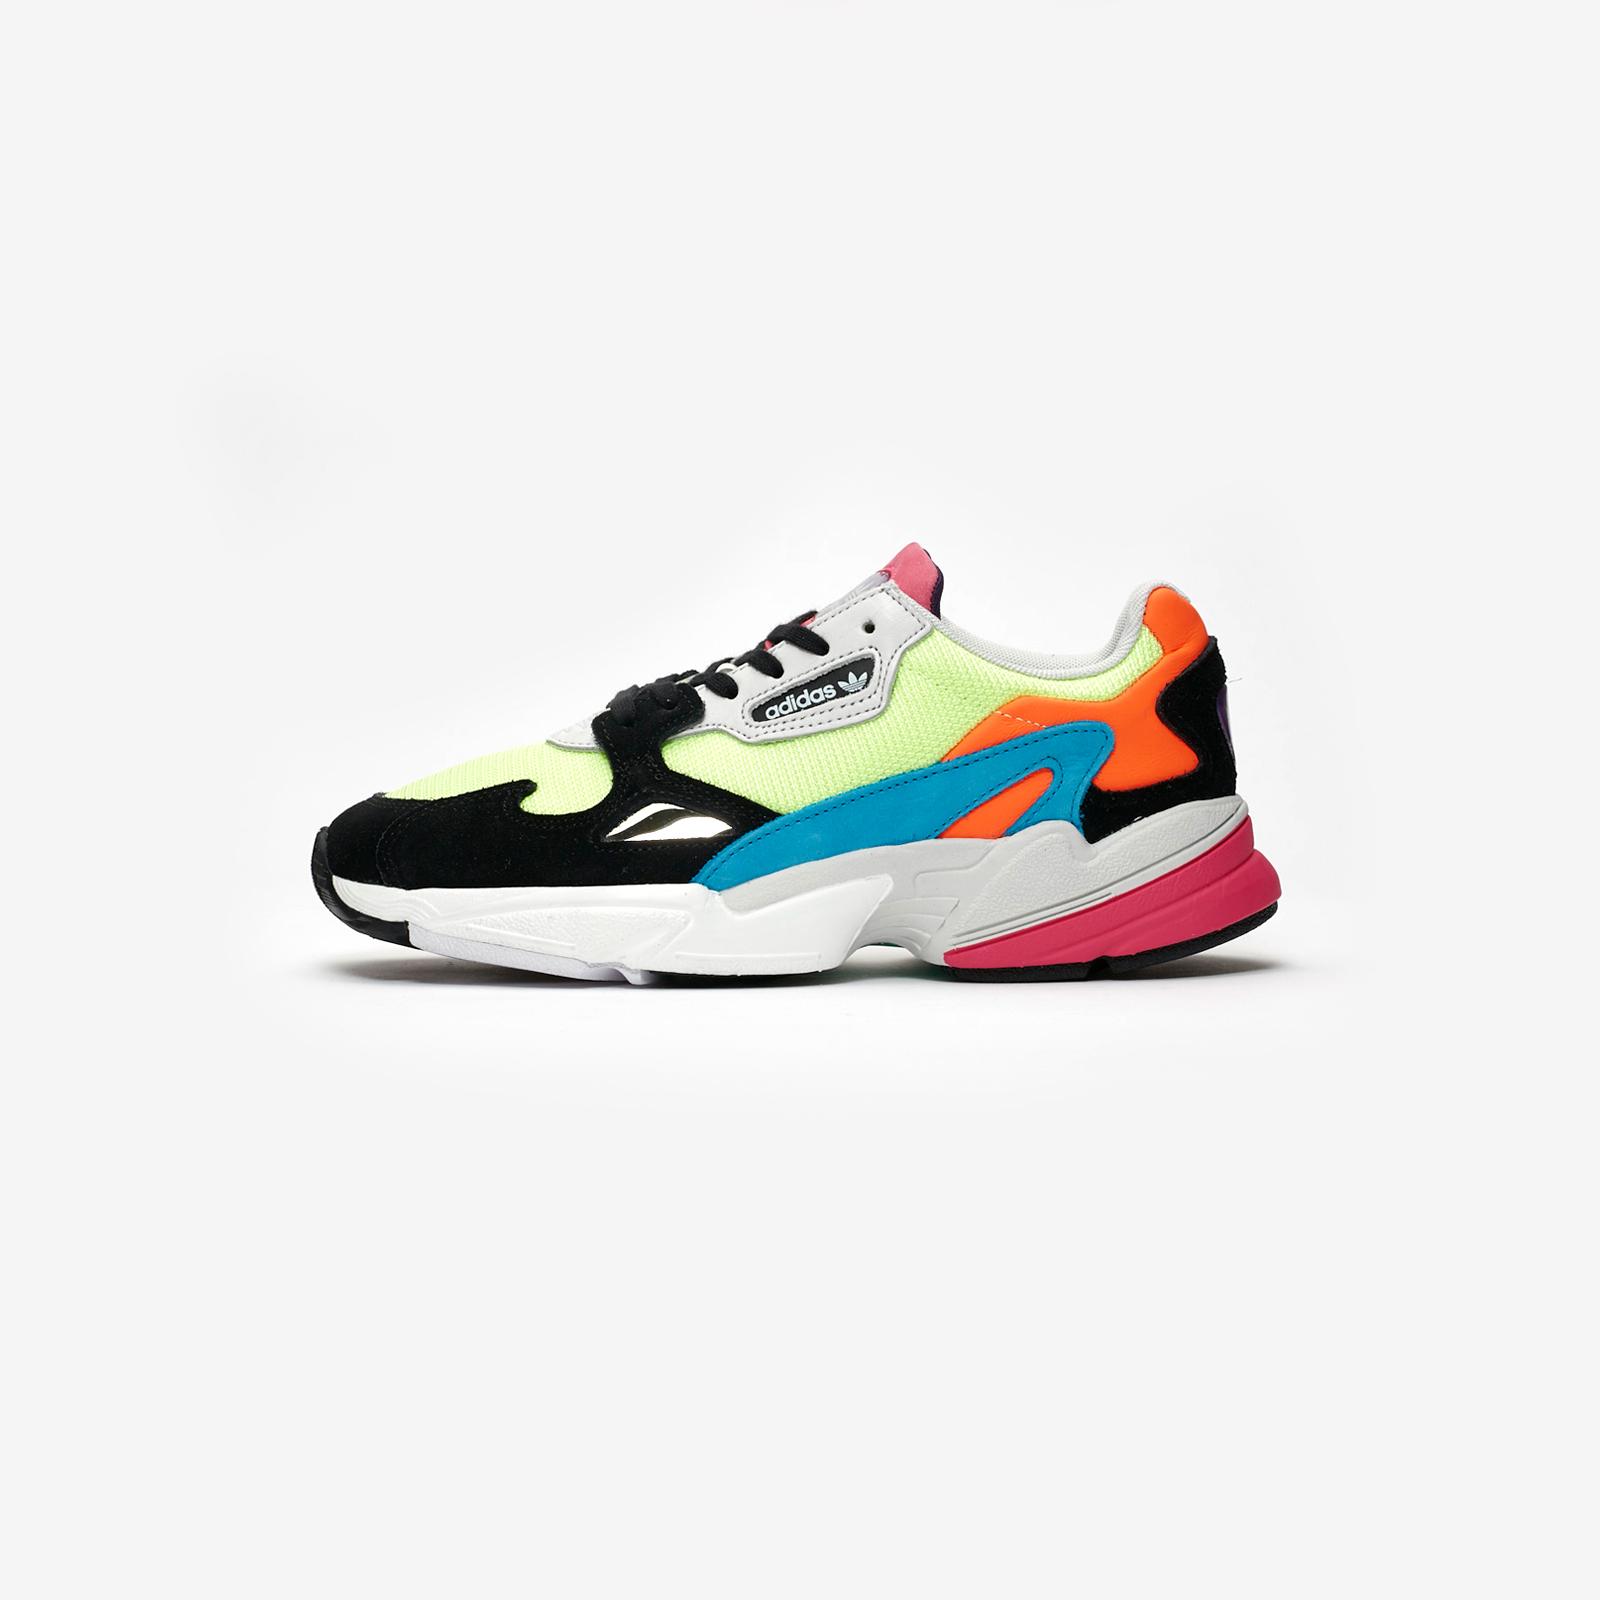 the best attitude 2e748 f3b2a adidas Falcon W - Cg6210 - Sneakersnstuff   sneakers   streetwear online  since 1999